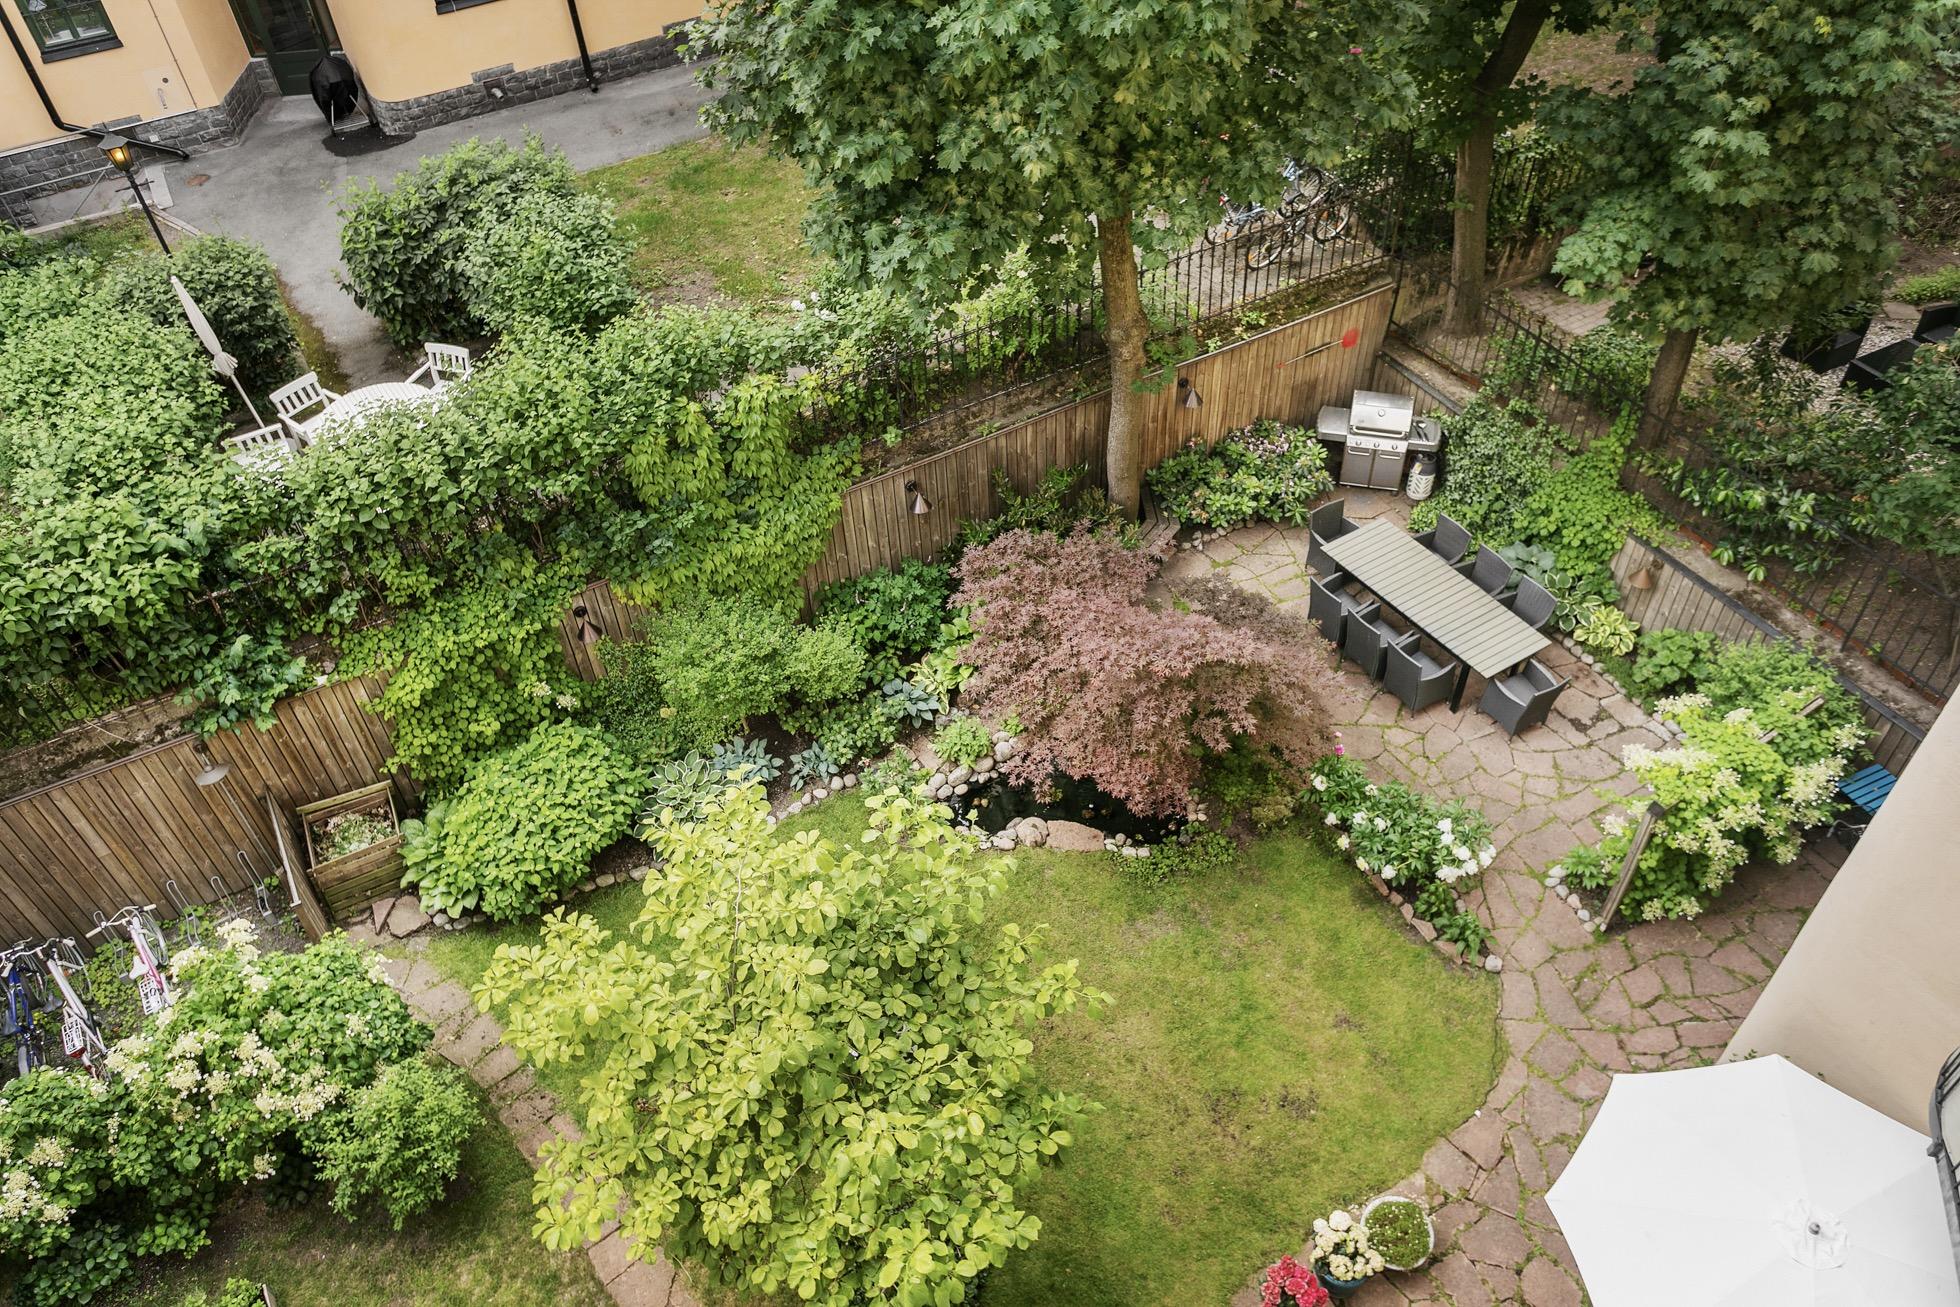 двор сад газон гриль